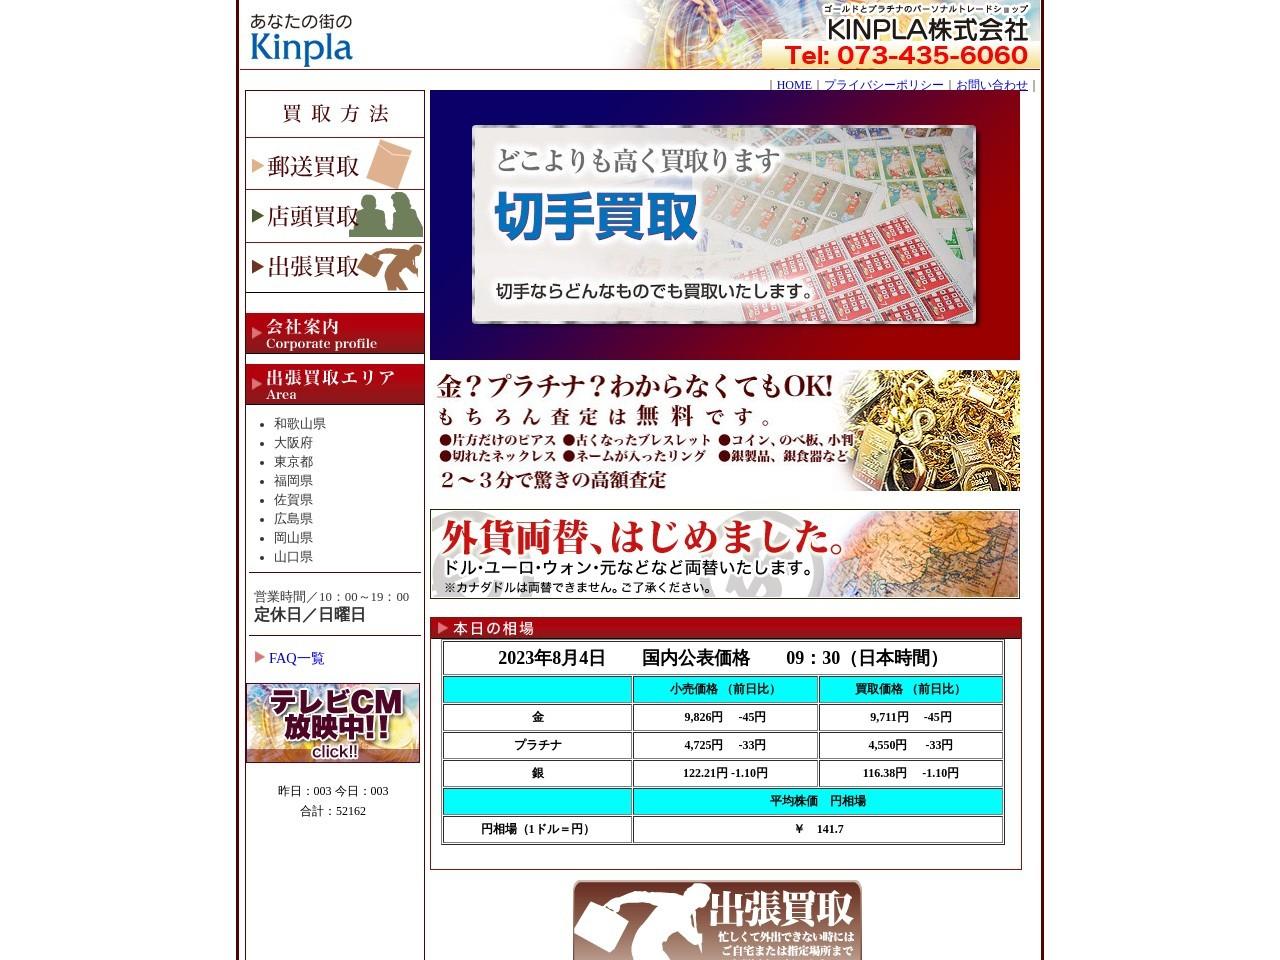 【金・プラチナ買取センター】金・プラチナ・コイン・地金・ダイヤ・高価買取!